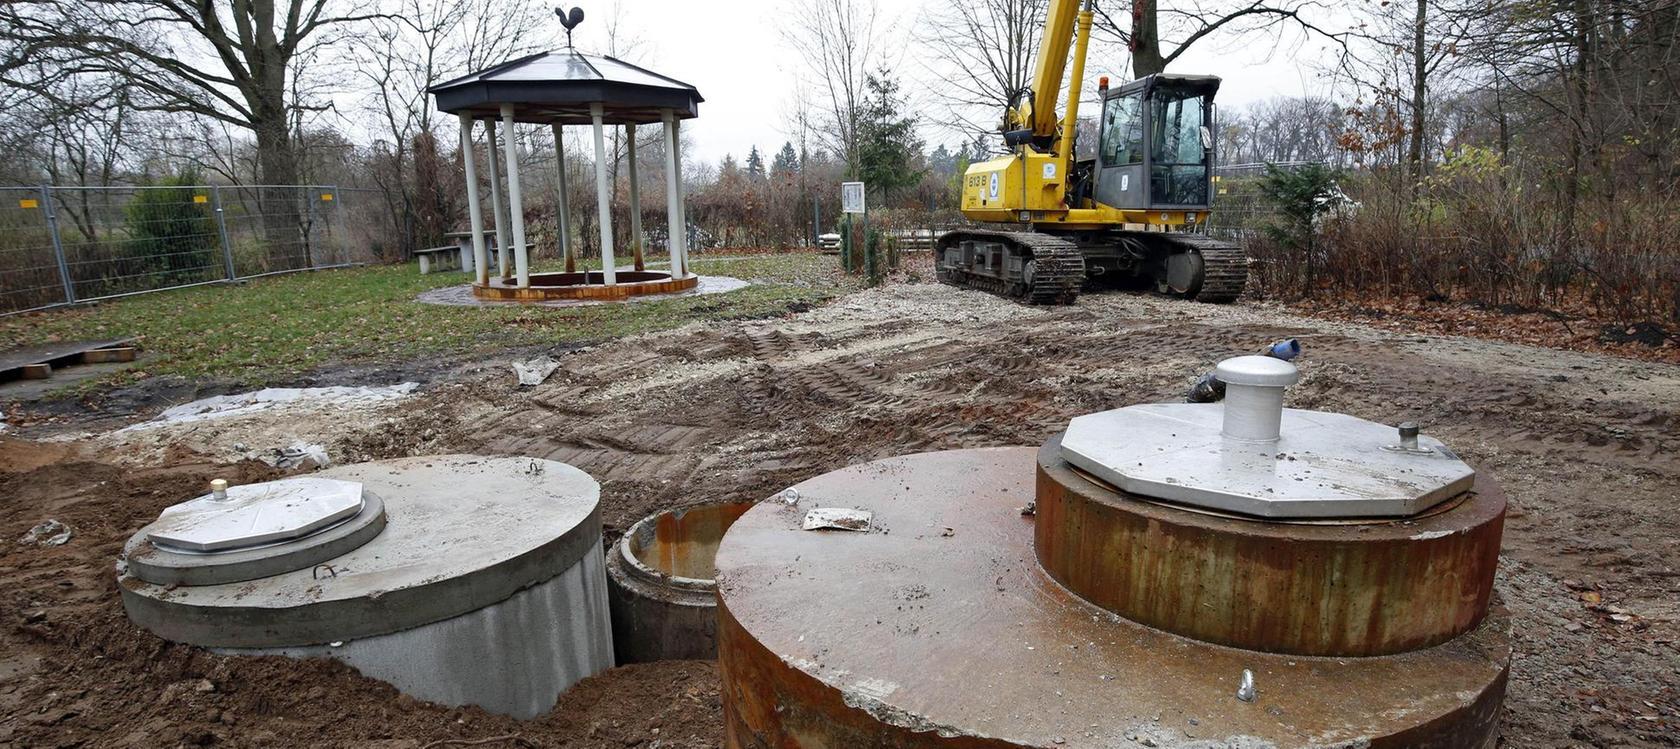 Auch der hier freigelegte Brunnenkopf muss vollständig erneuert werden. Im Hintergrund: der vom Bürgerverein Gebersdorf errichtete Quellpavillon. Rechts vom Bagger verläuft der Buckweg nach Weikershof.